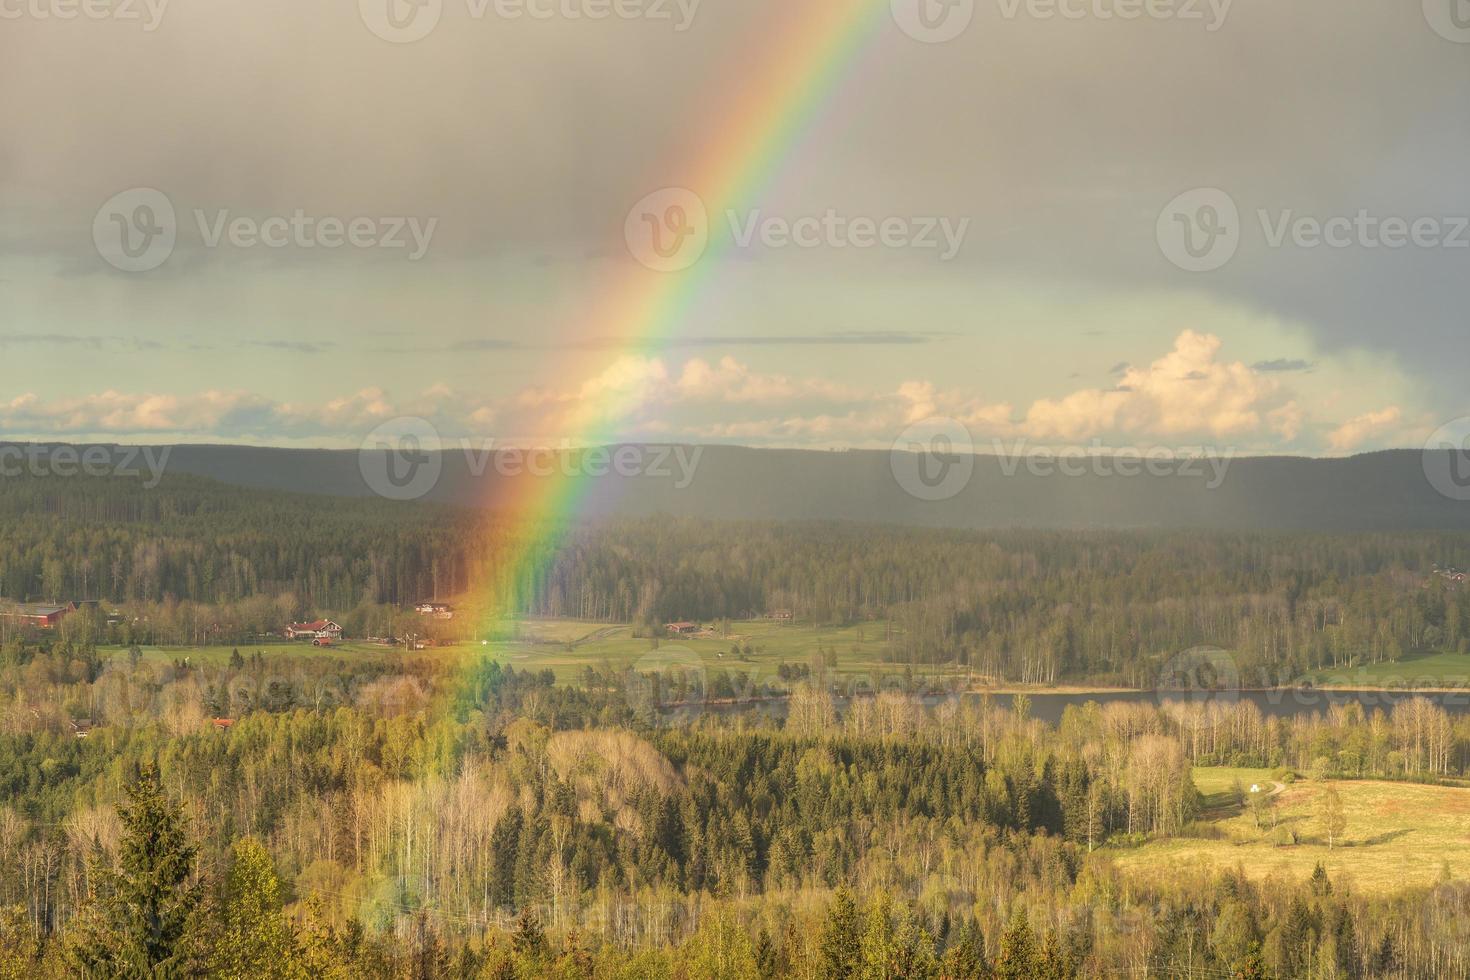 regenboog in een veld foto